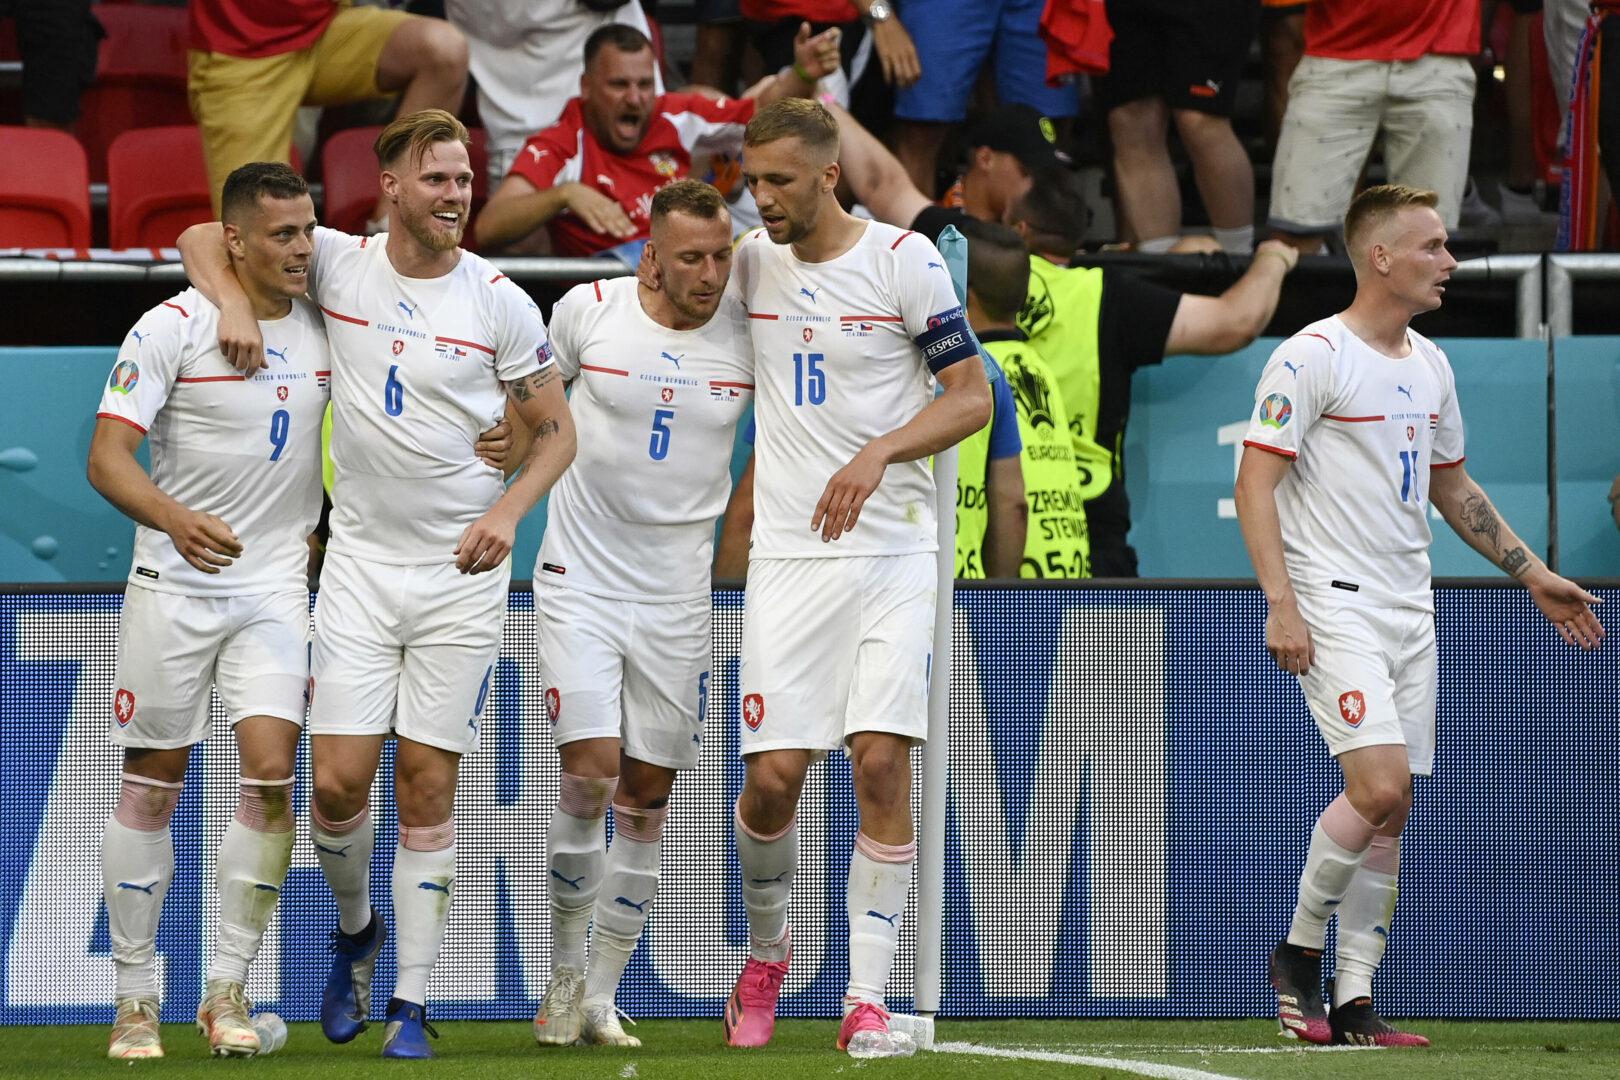 EM 2021 | Tschechien vs. Dänemark: Die goldene Chance